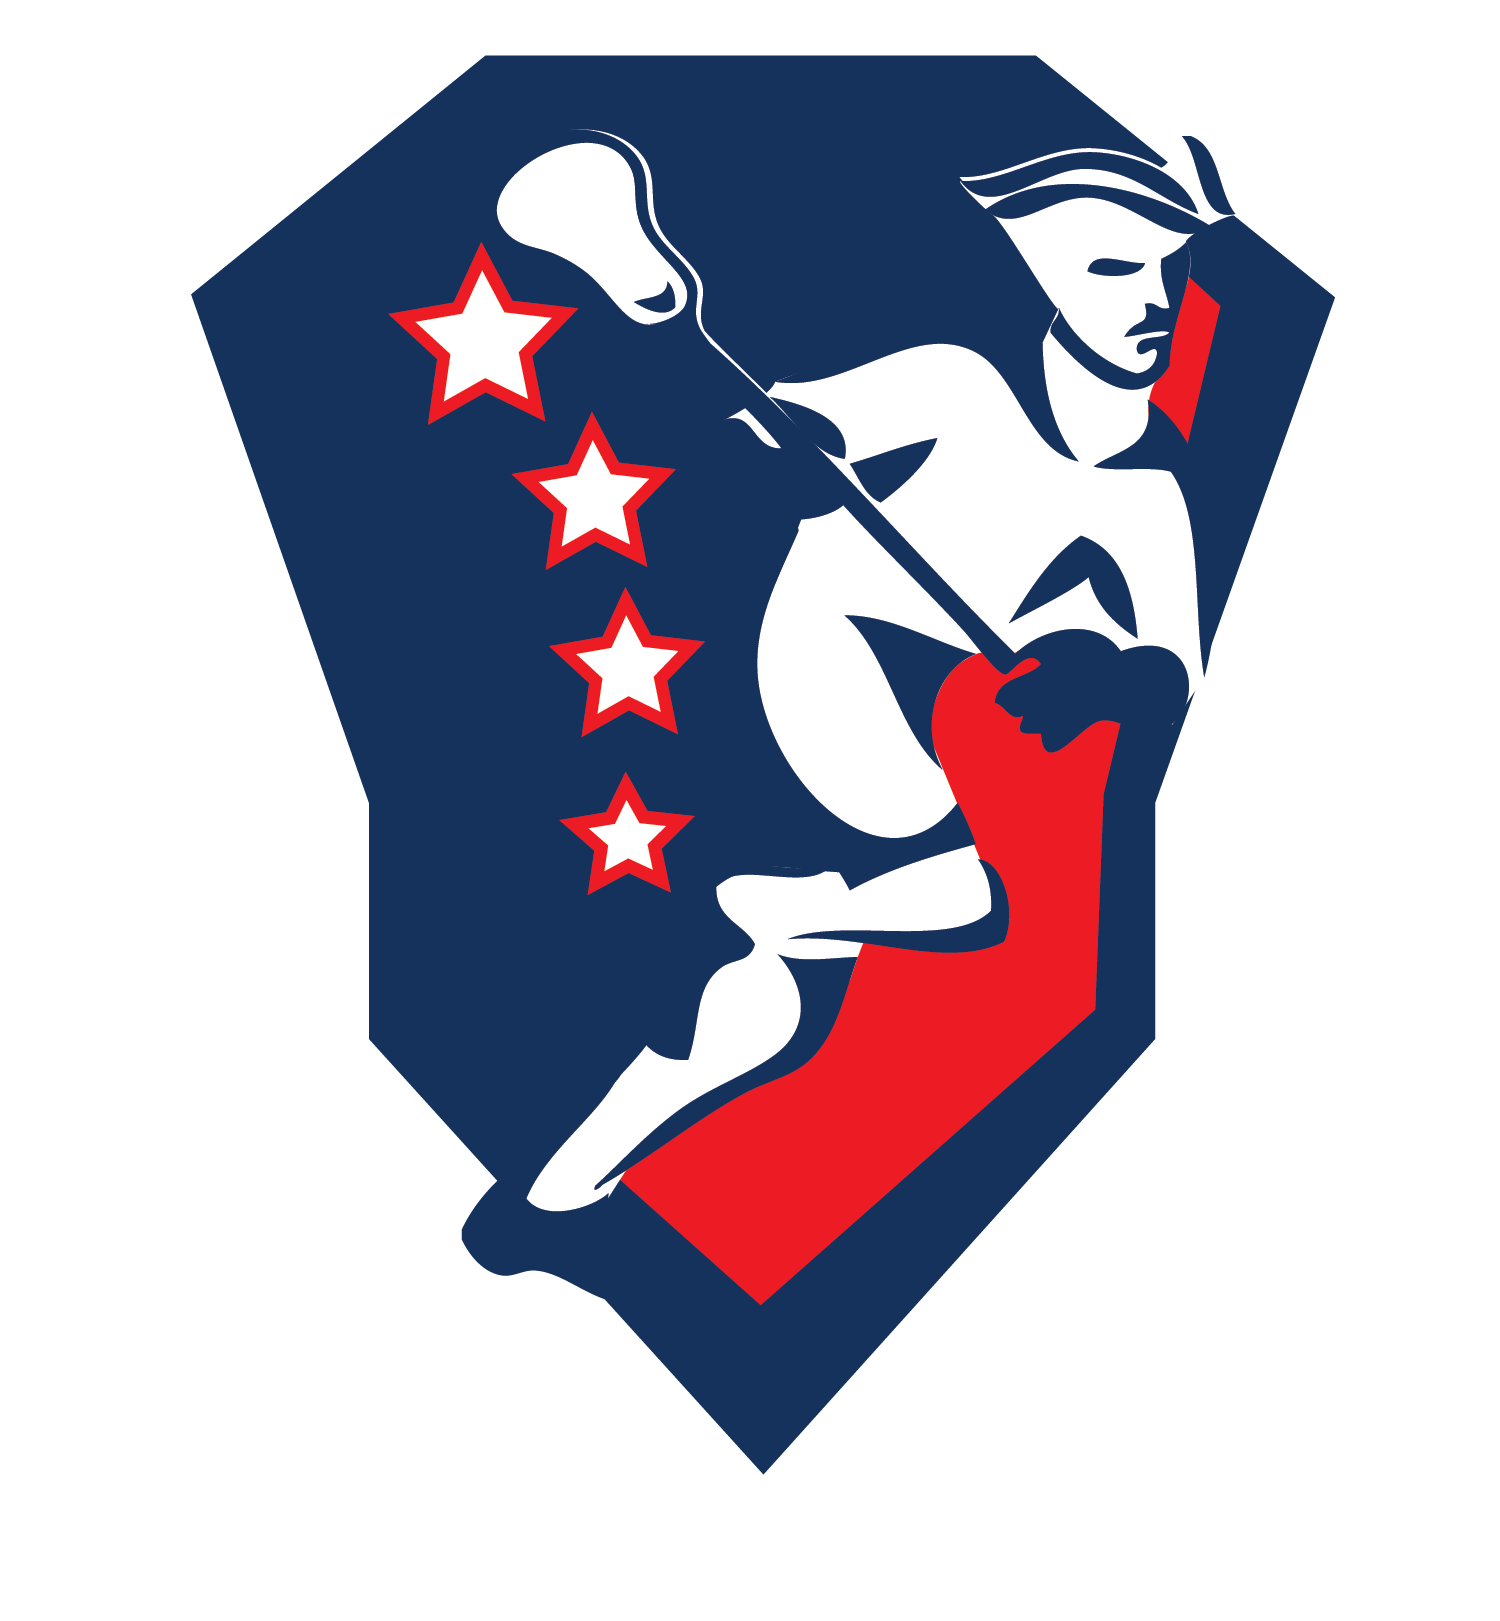 Patriots clipart shirt. Patriot lacrosse inc offers